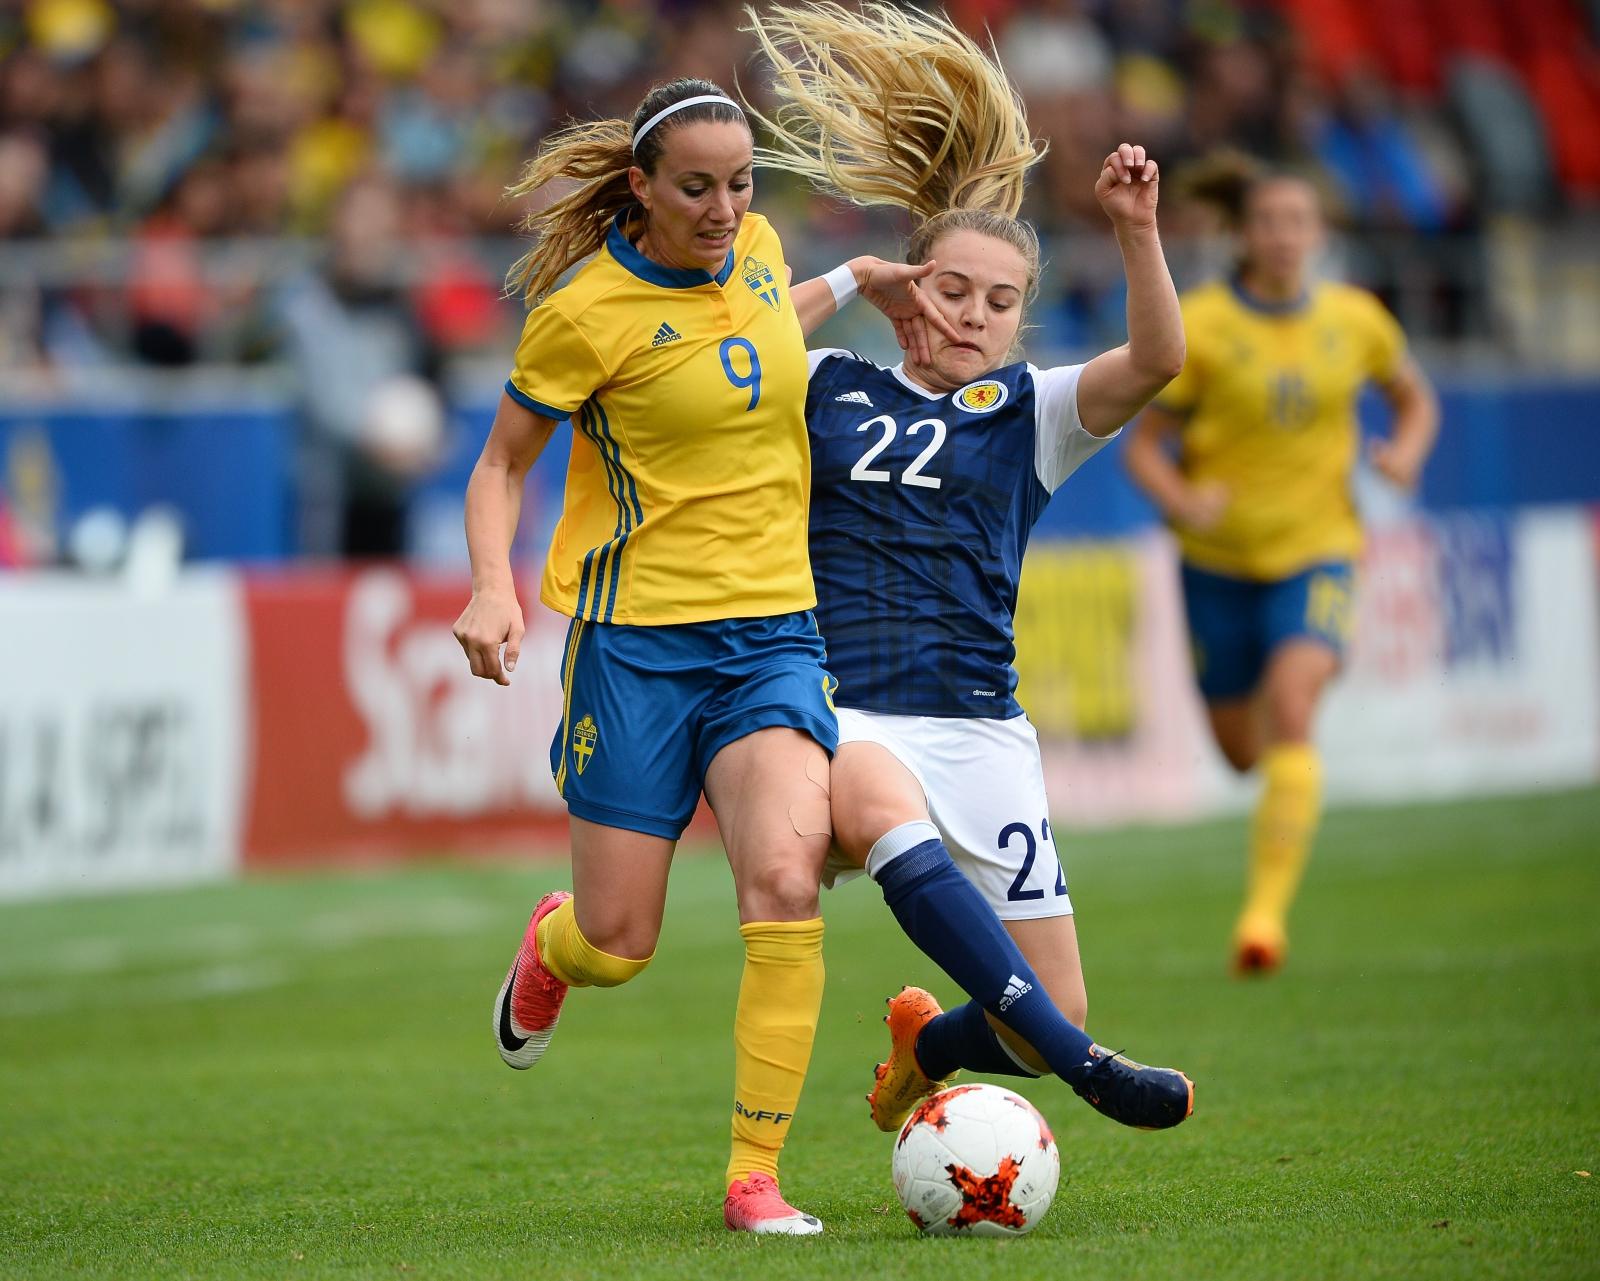 Mecz Szwecja - Szkocja - kobiecej piłki nożnej, w Vaxjo.